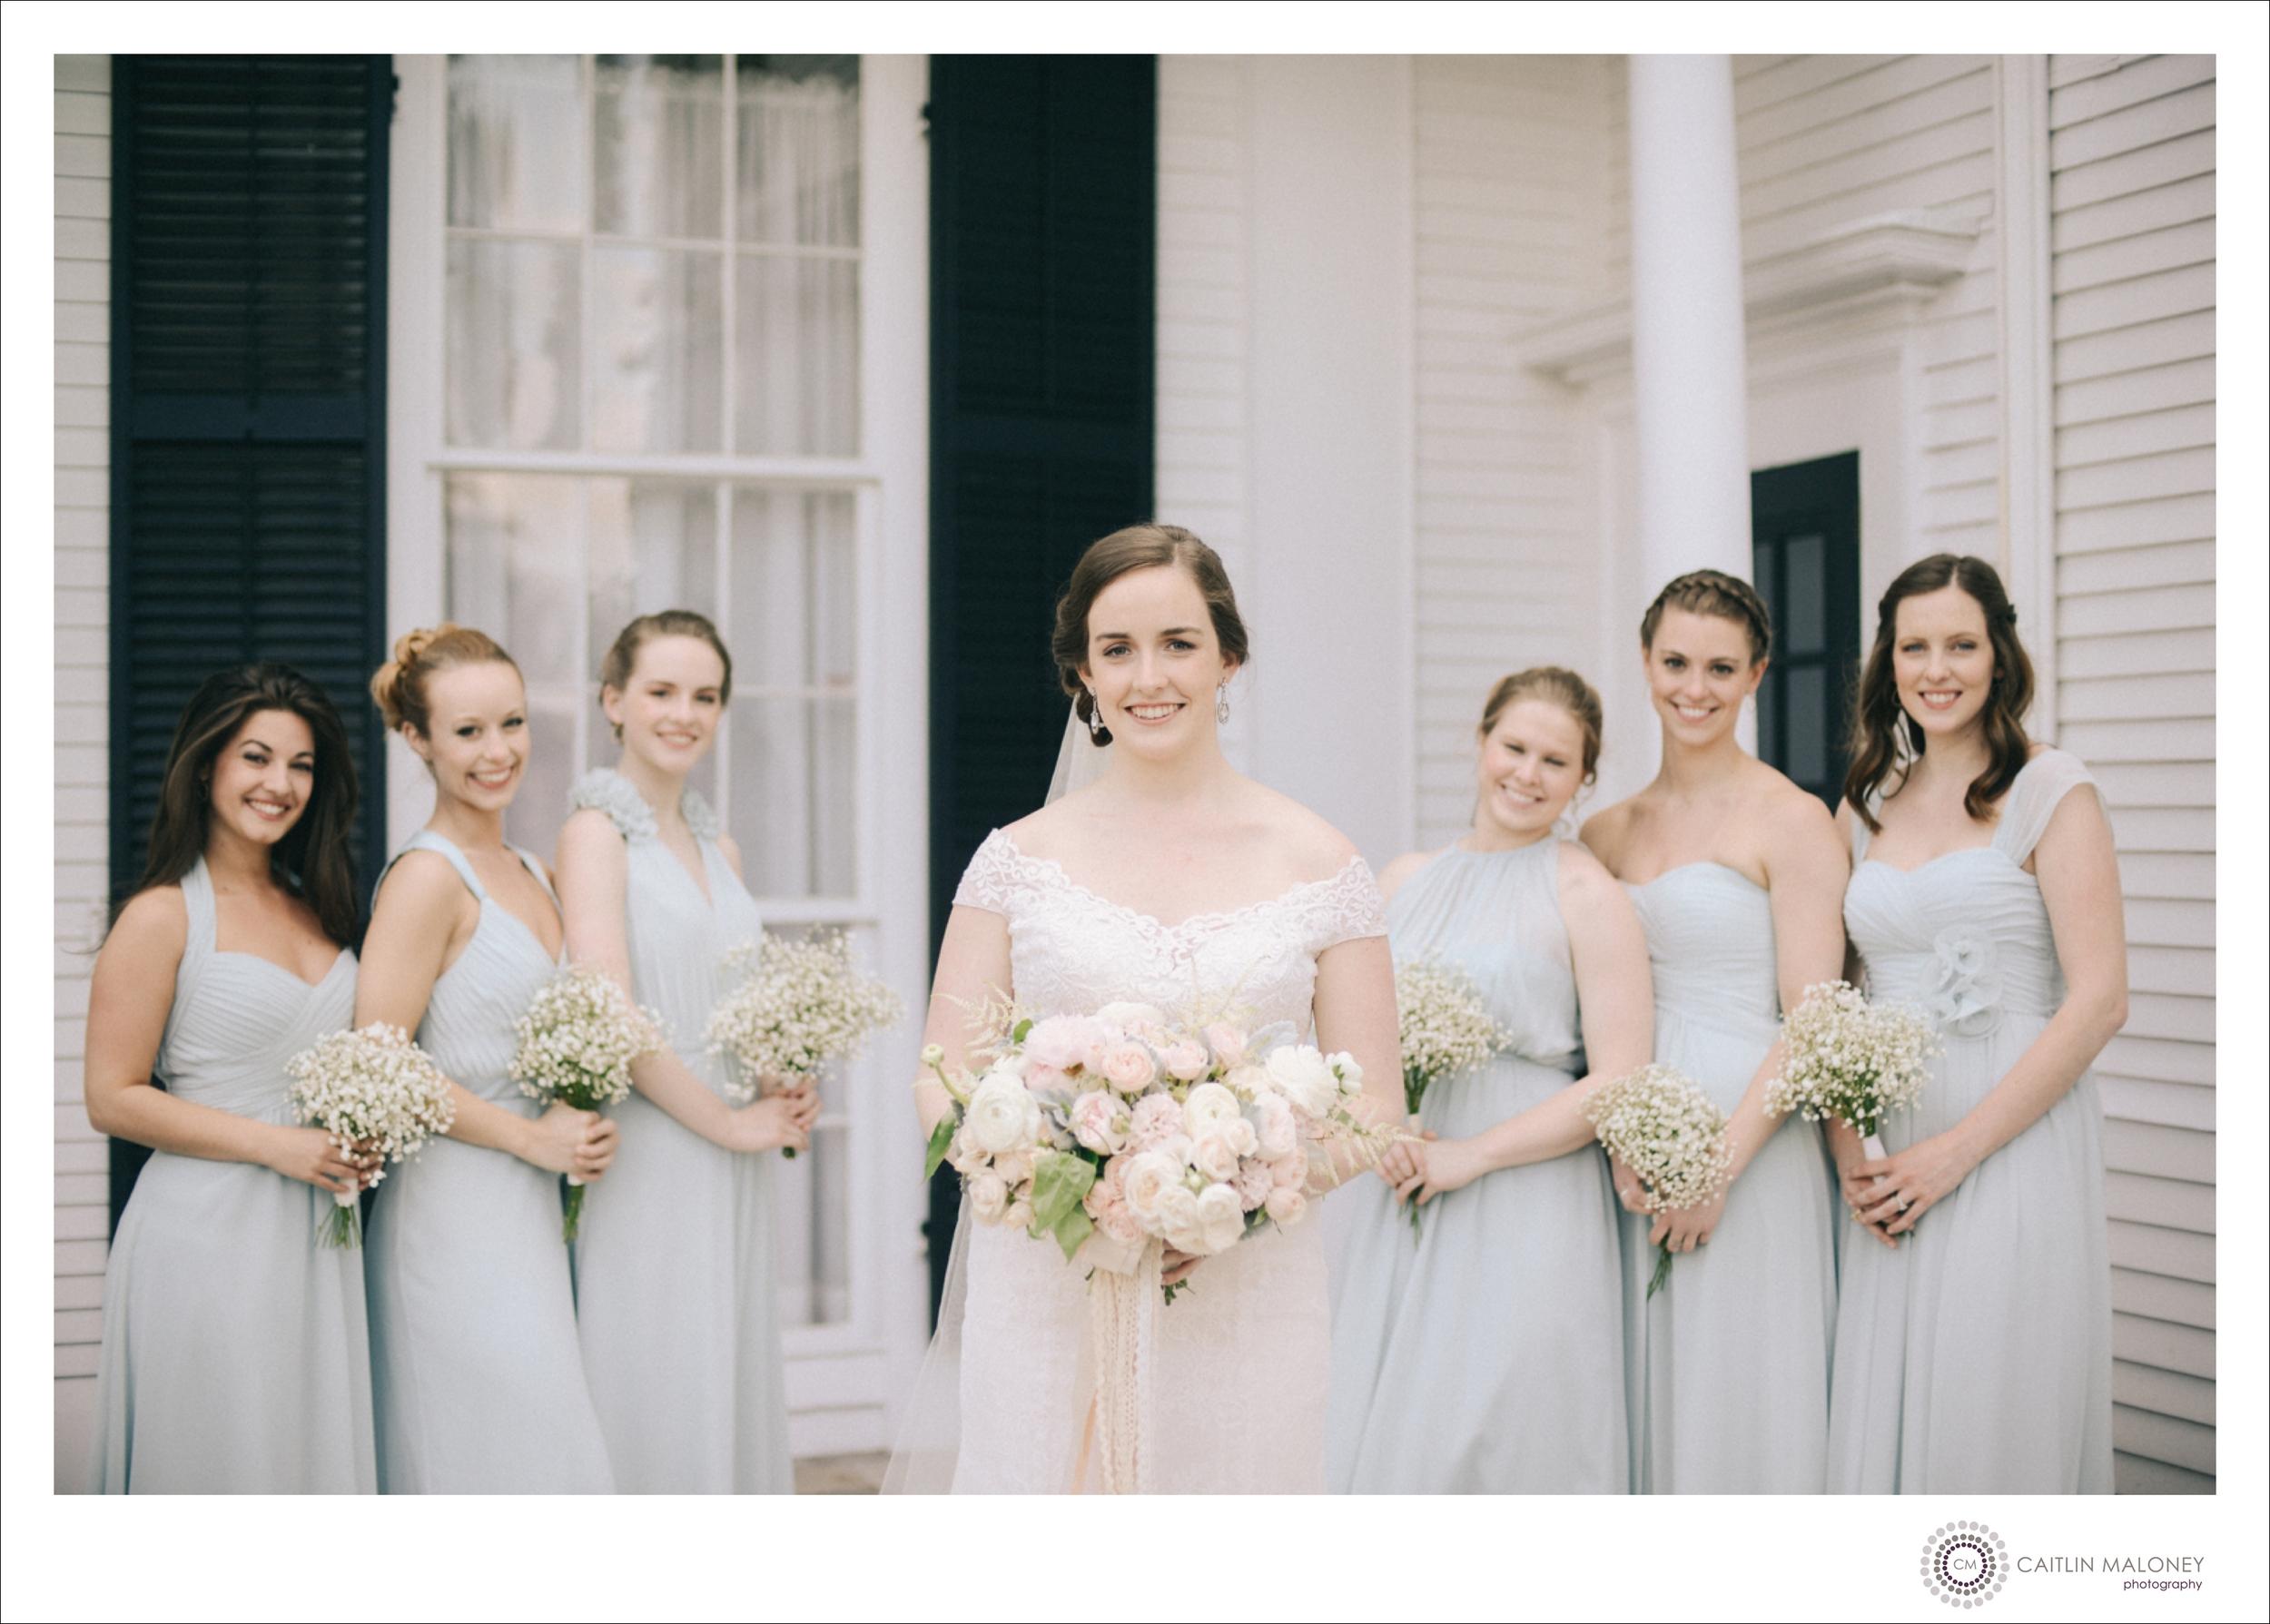 Linden_Place_Wedding_Photos_039.jpg